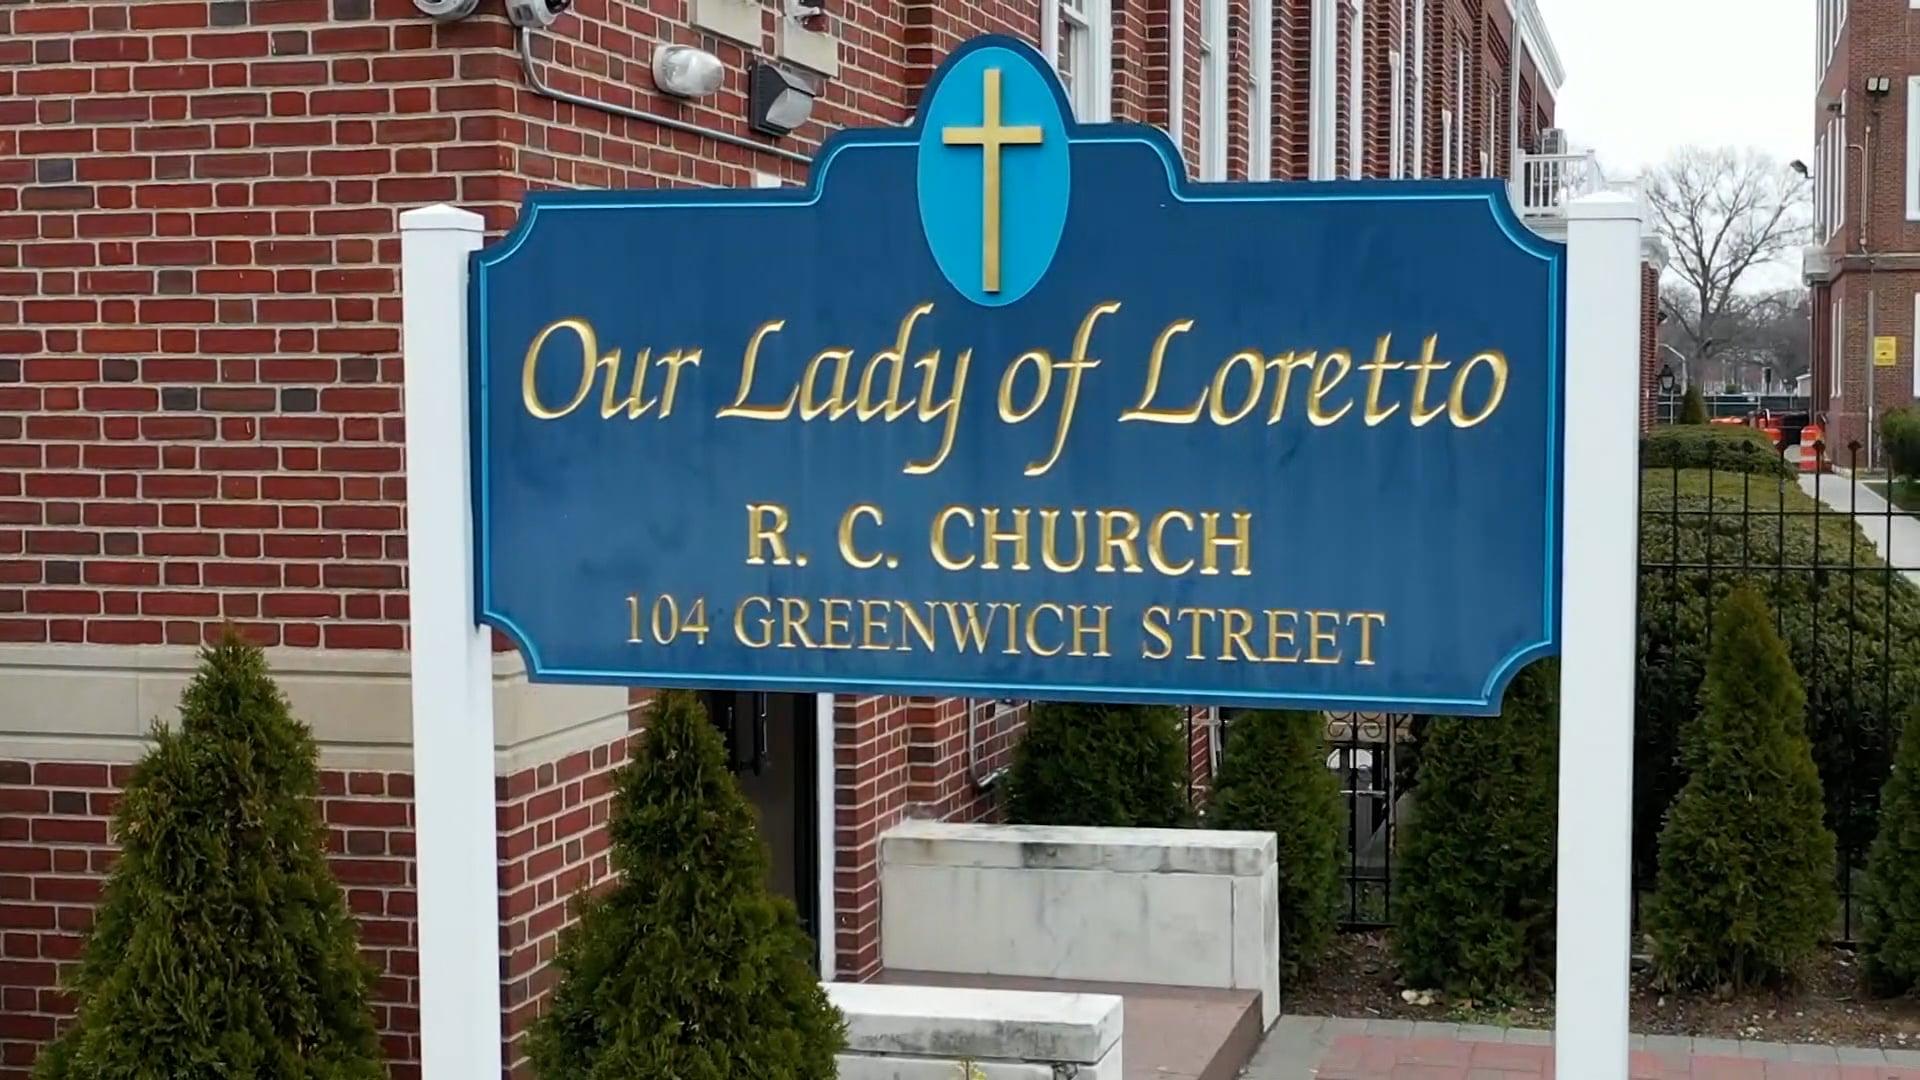 Misa de Nuestra Senora de Loretto - 14 de Octubre de 2021